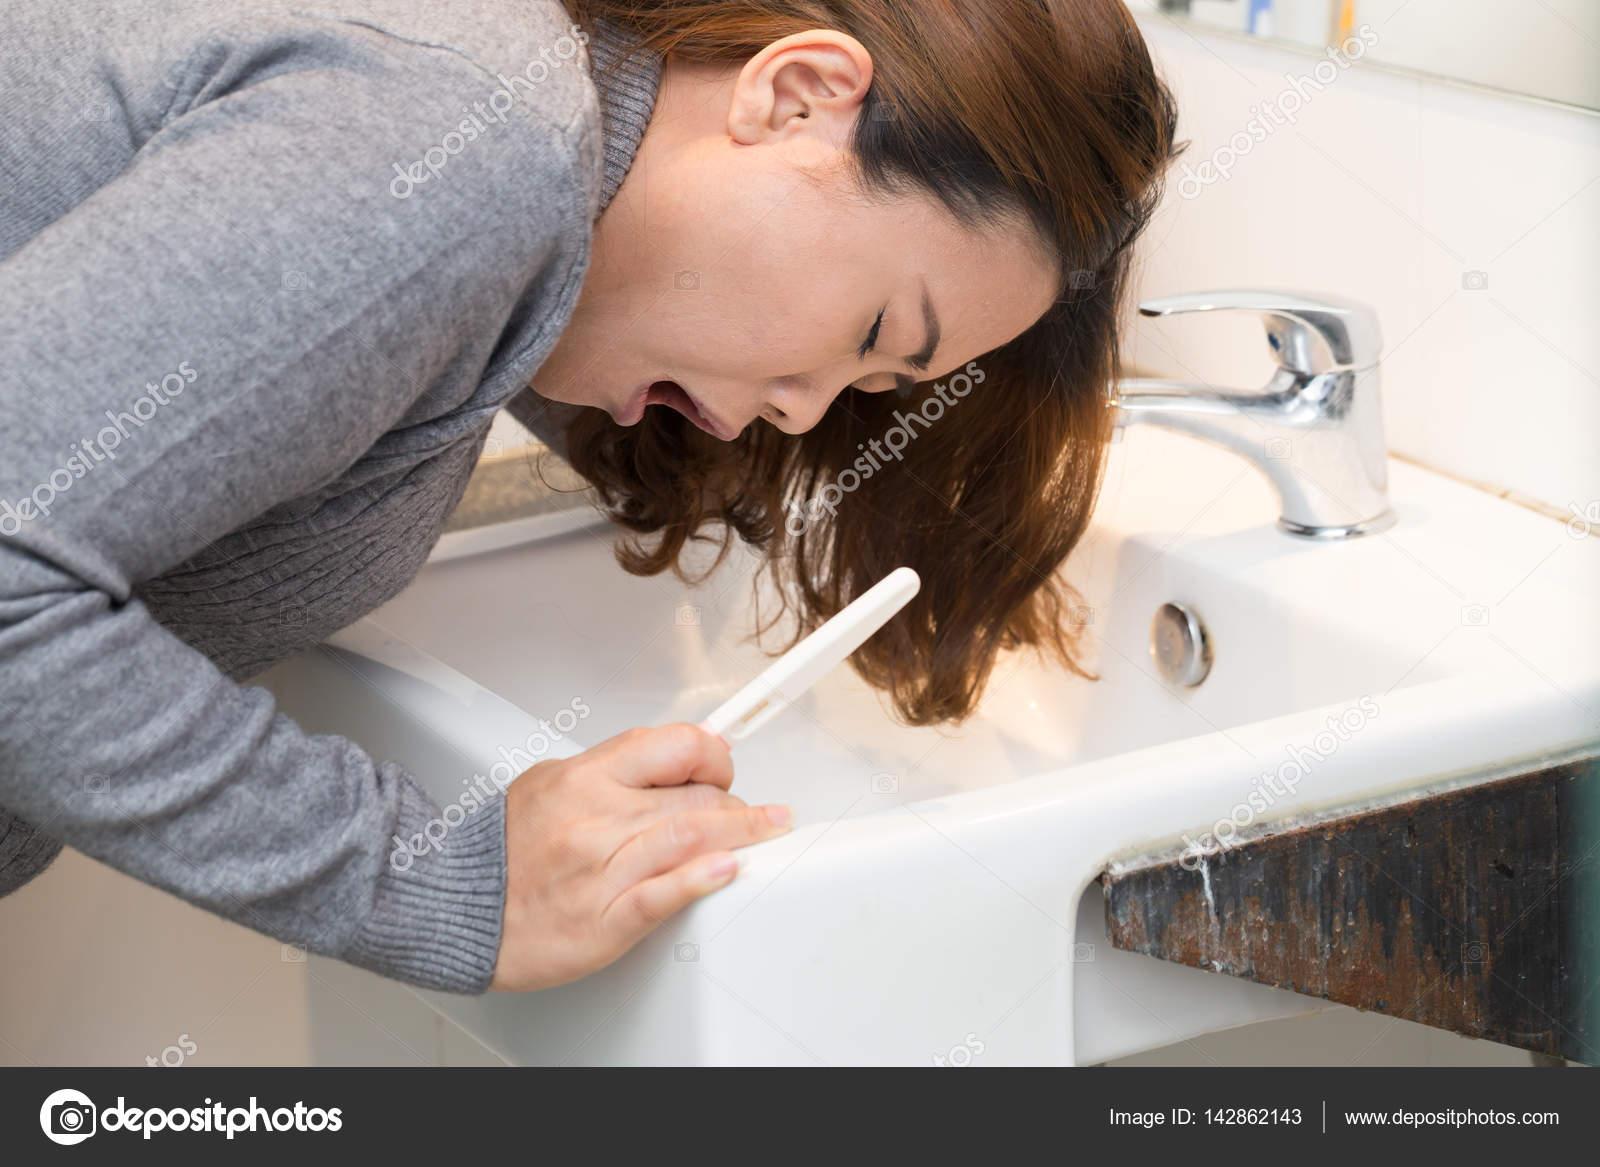 Vasca Da Bagno Gravidanza : Donna che controlla il kit per il test di gravidanza in bagno e